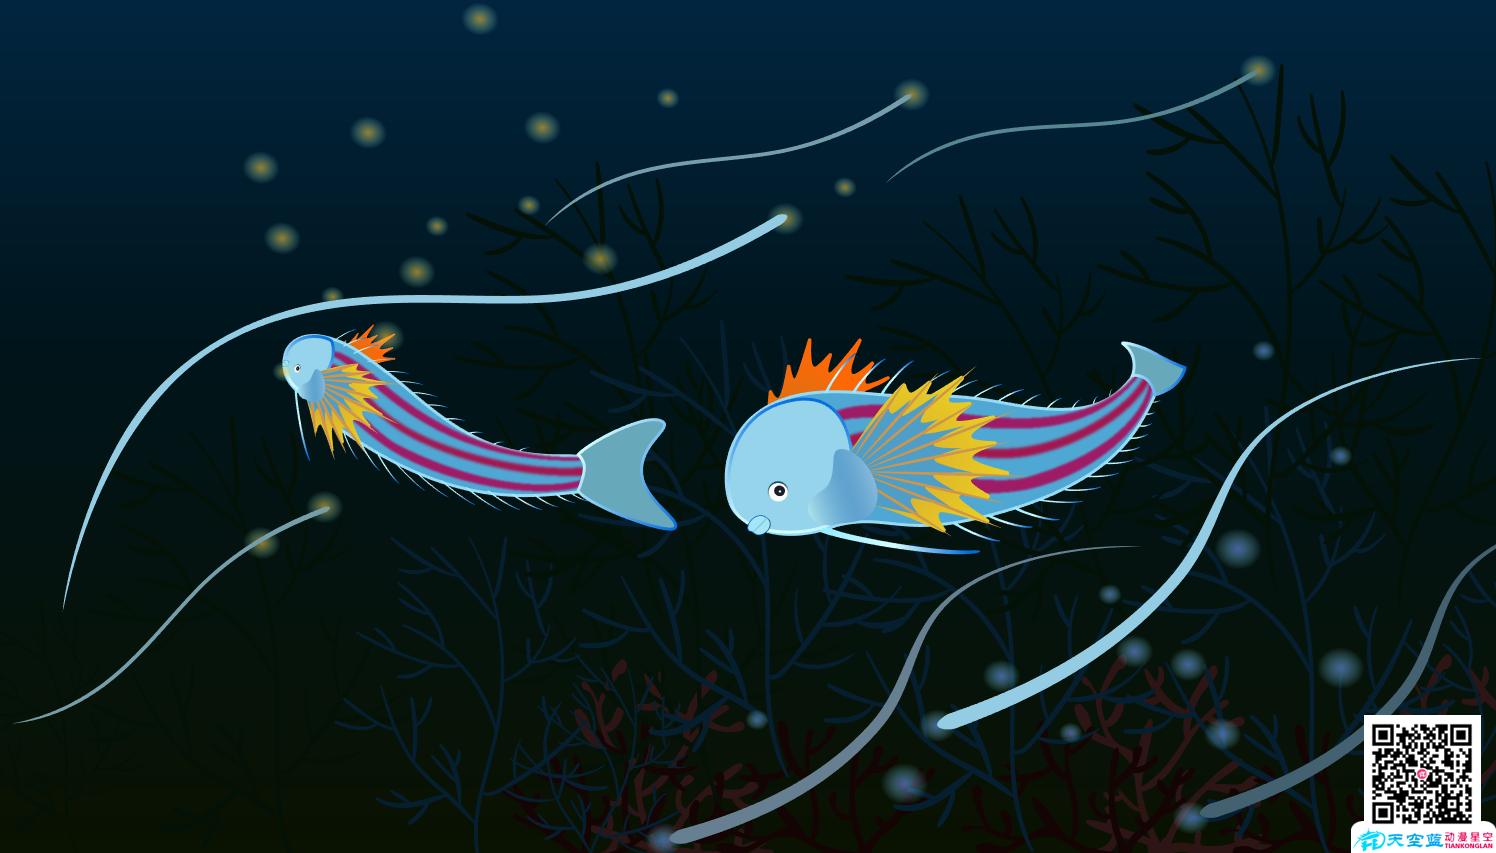 《海底世界》动画视频创作